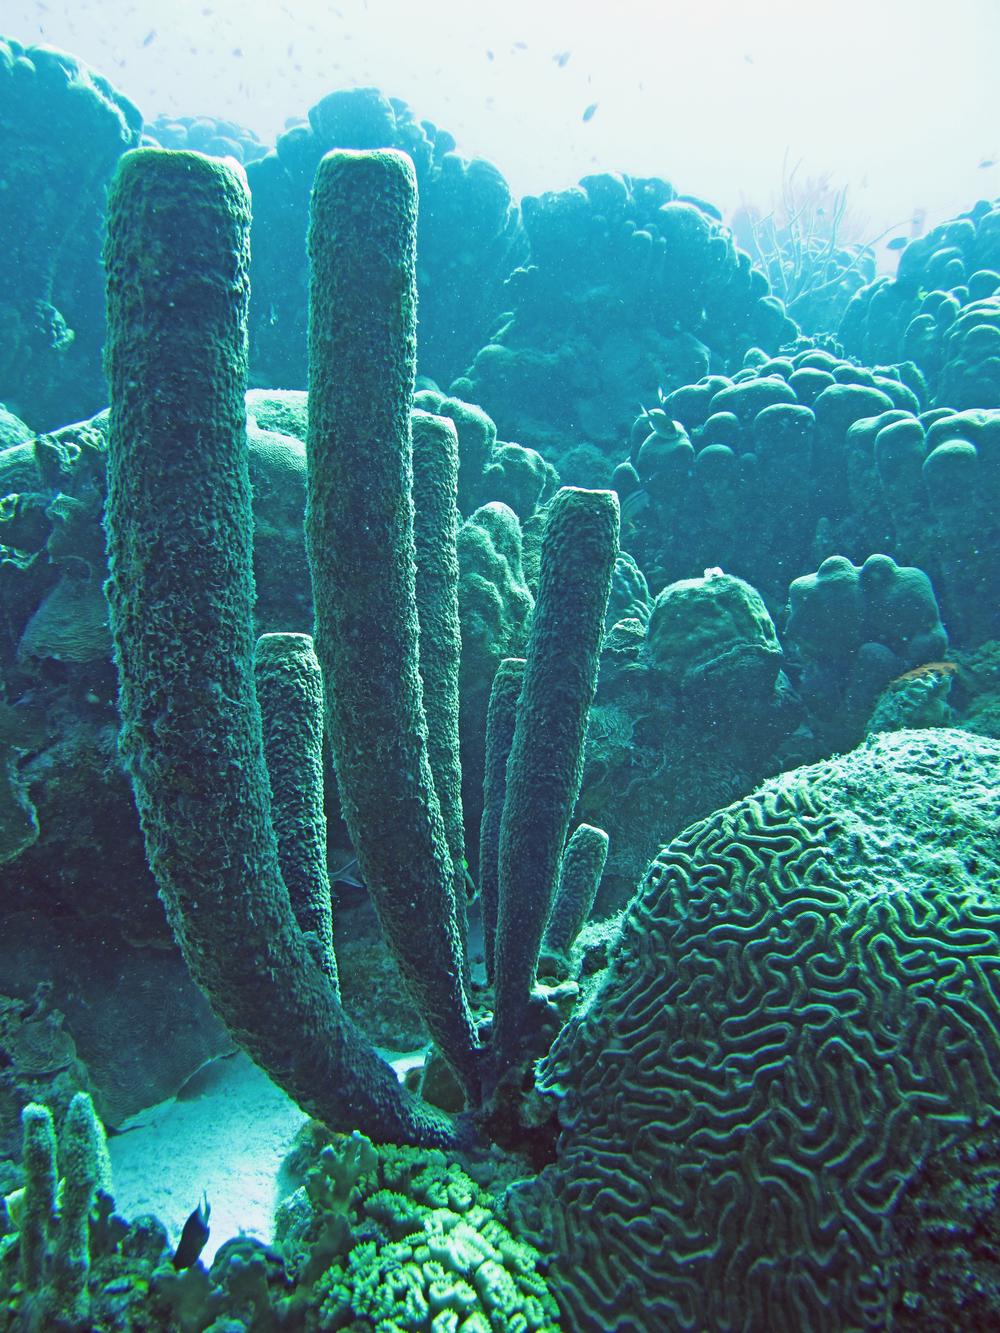 The coral landscape enchants me